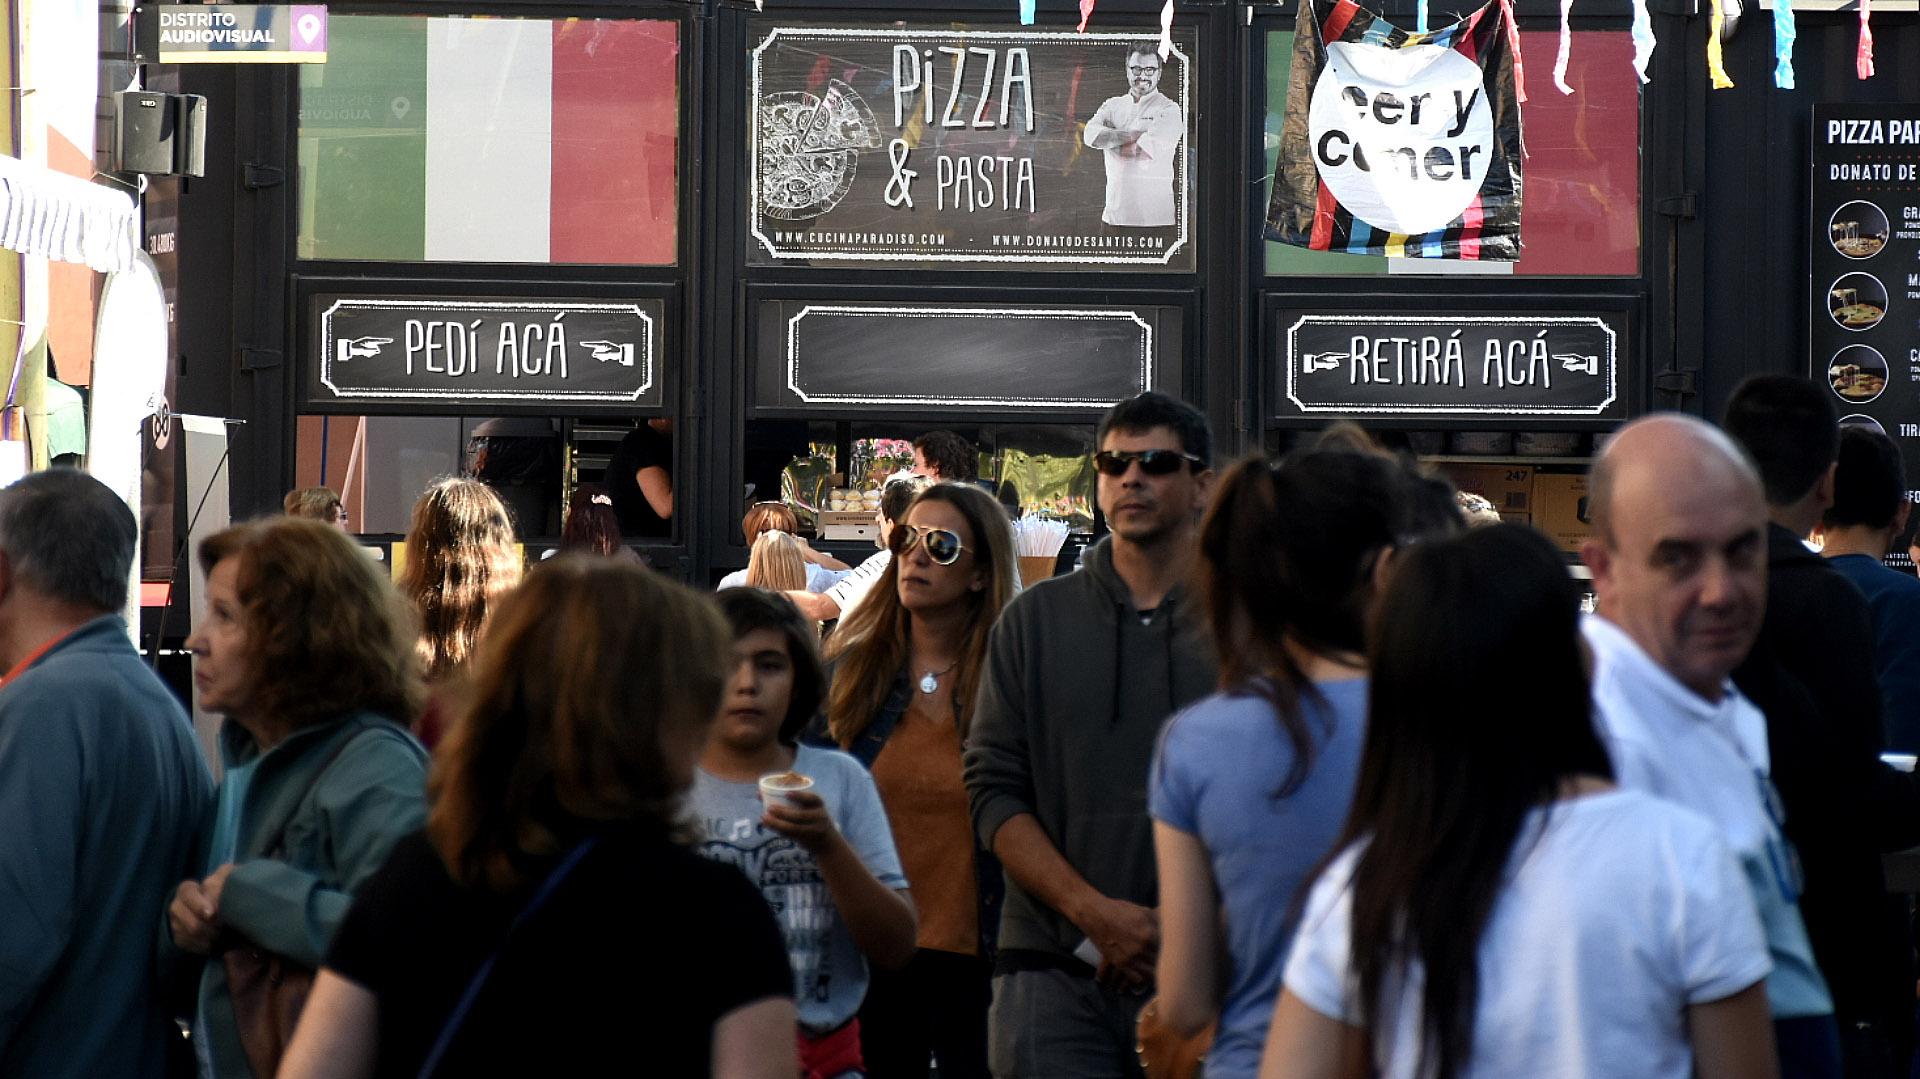 Pizza & Pasta, el food truck del reconocido cocinero Donato de Santis que este año volvió a acompañar en su onceava edición a la feria. ¿Las estrellas Donato? Sus pizzas de cuatro porciones son elaboradas a la piedra